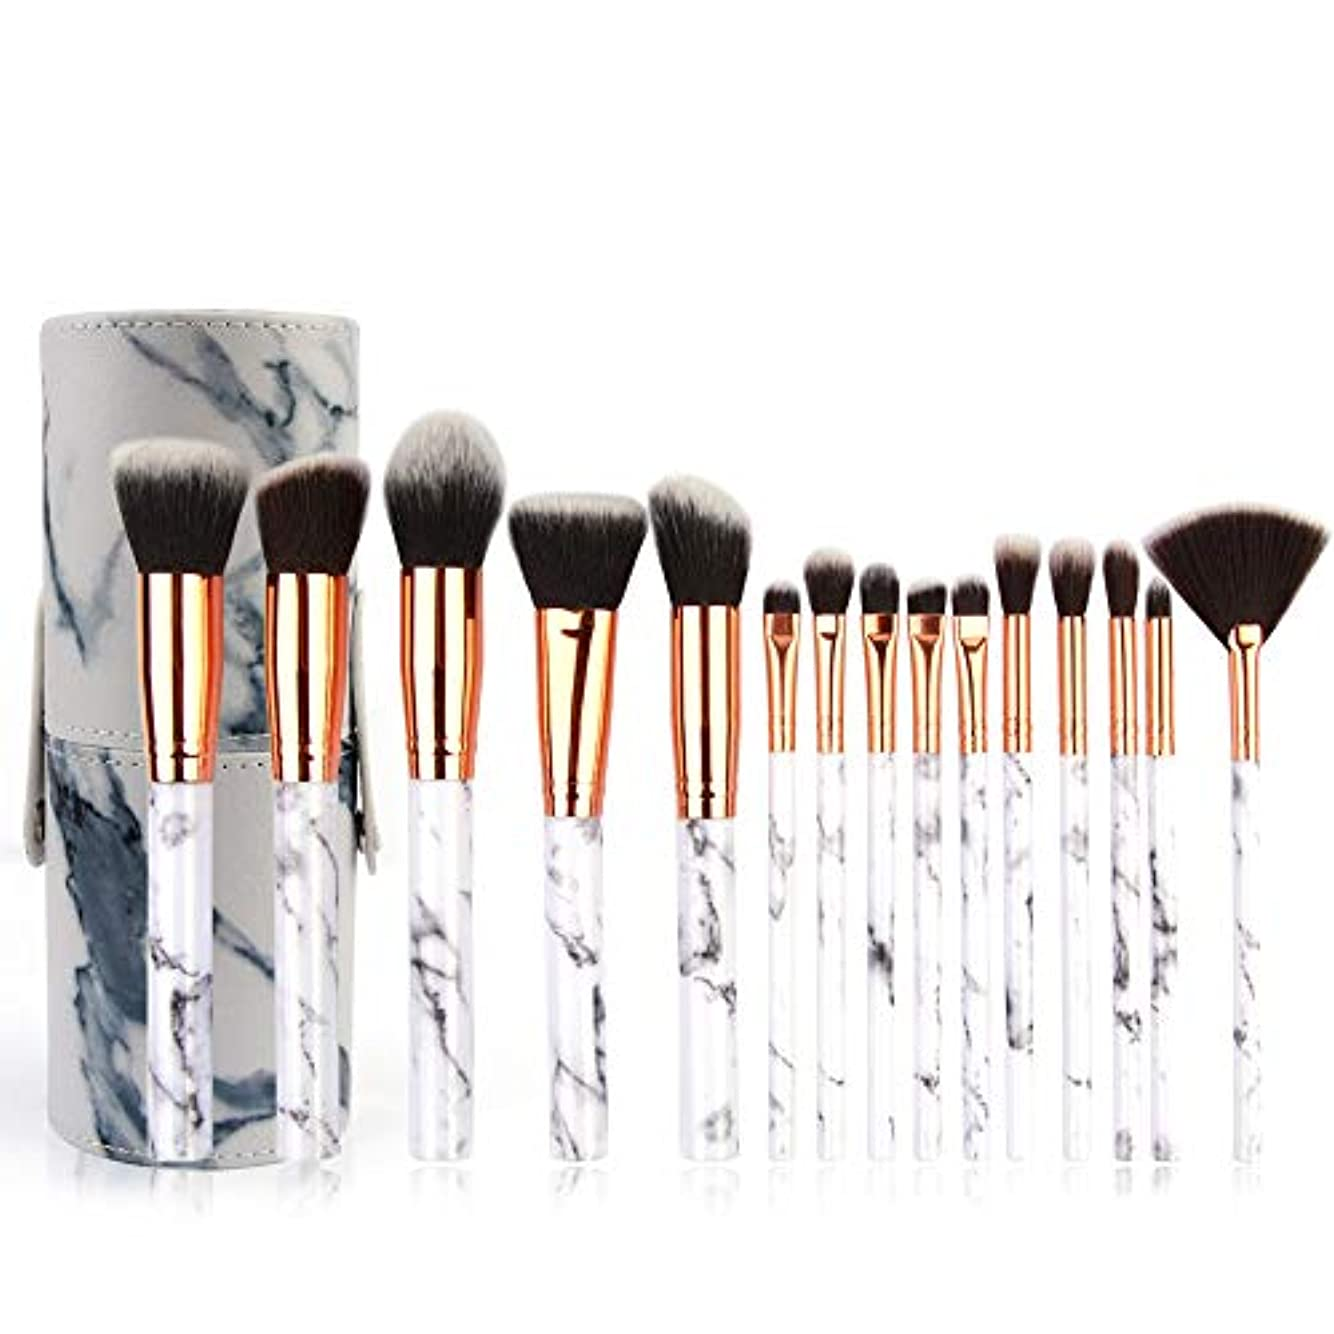 かみそり囚人コックAkane 15本 MAANGE 大理石紋 超気質的 優雅 多機能 高級 綺麗 魅力 柔らかい 上等な使用感 たっぷり 激安 日常 仕事 おしゃれ 簡単使い Makeup Brush メイクアップブラシ (3タイプ) MAG5690...